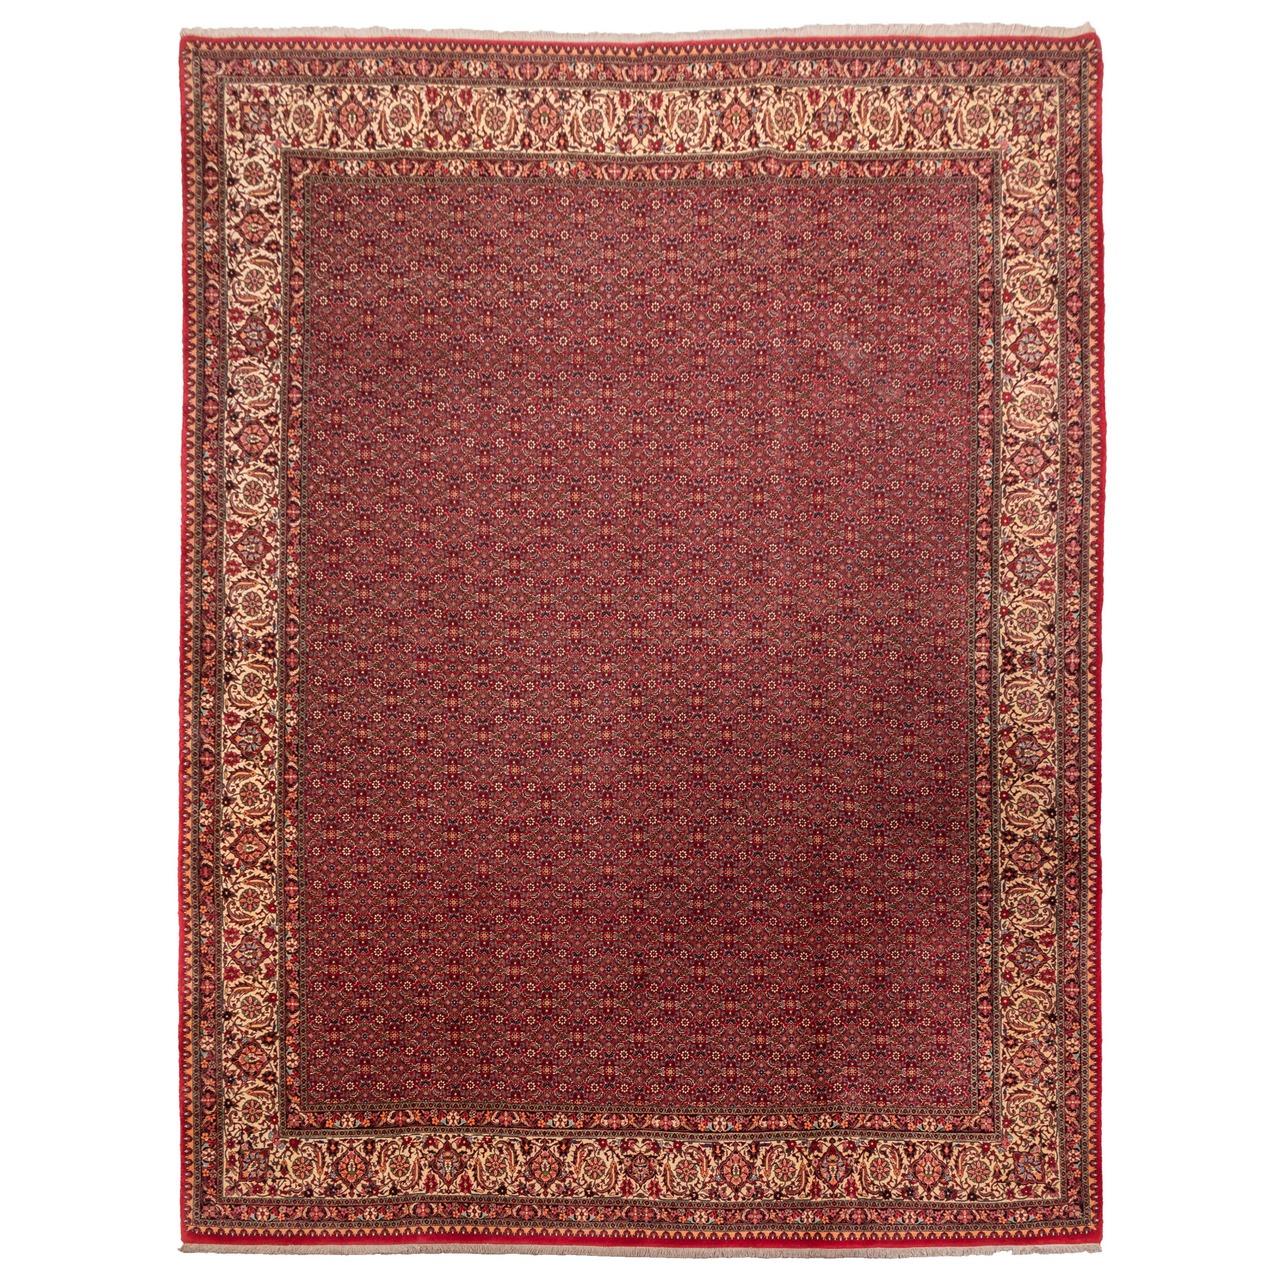 فرش دستباف دوازده و نیم متری سی پرشیا کد 187114